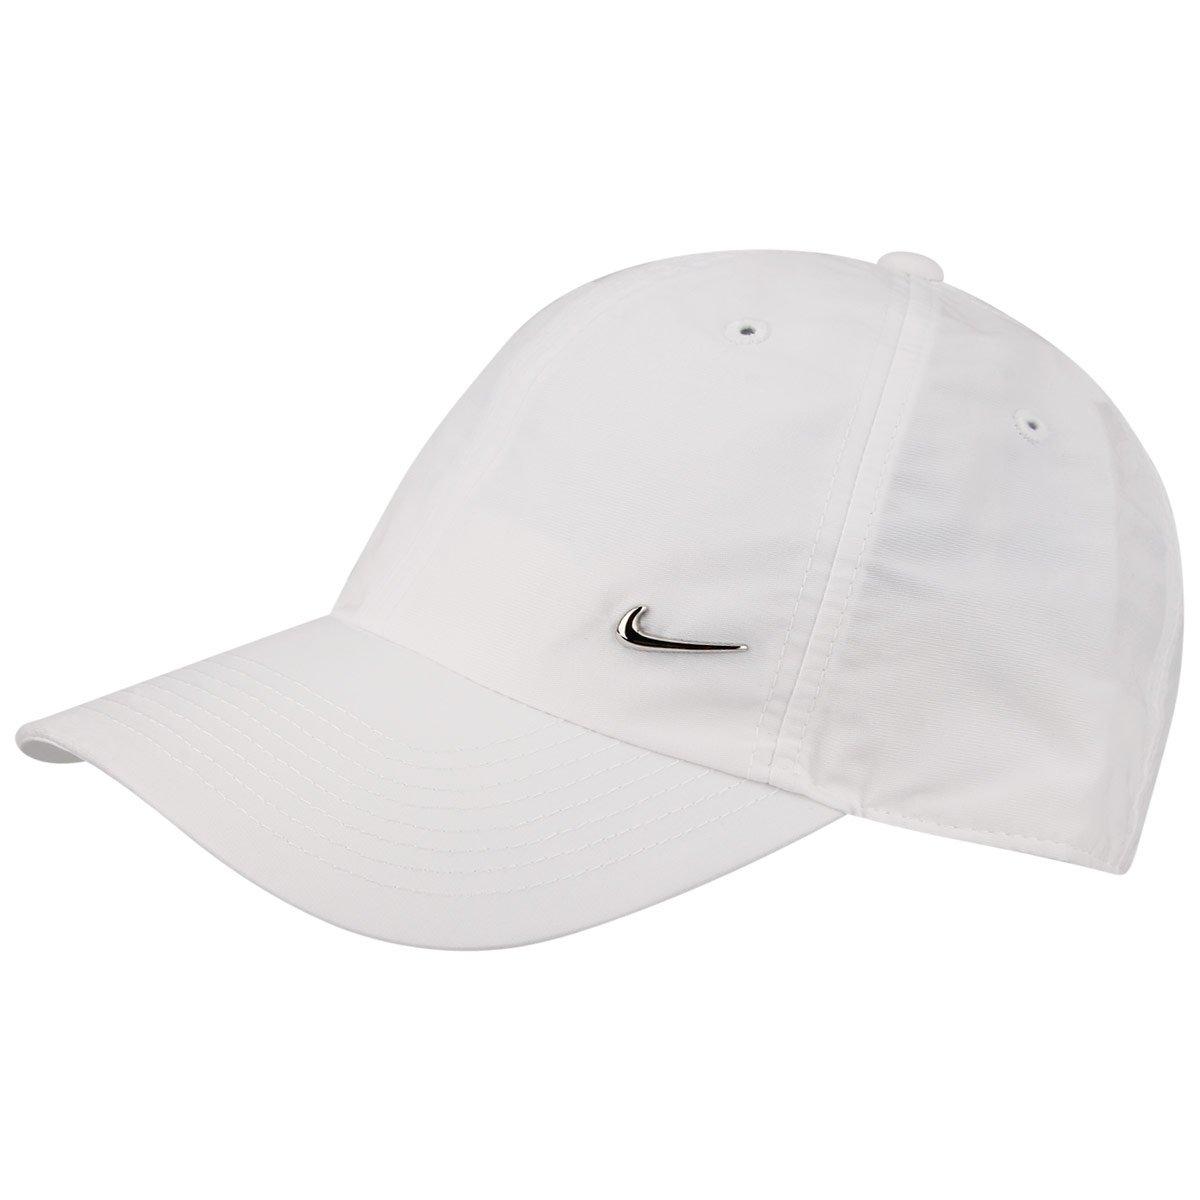 c091e2d8e6926 Boné Nike Metal Swoosh - Compre Agora